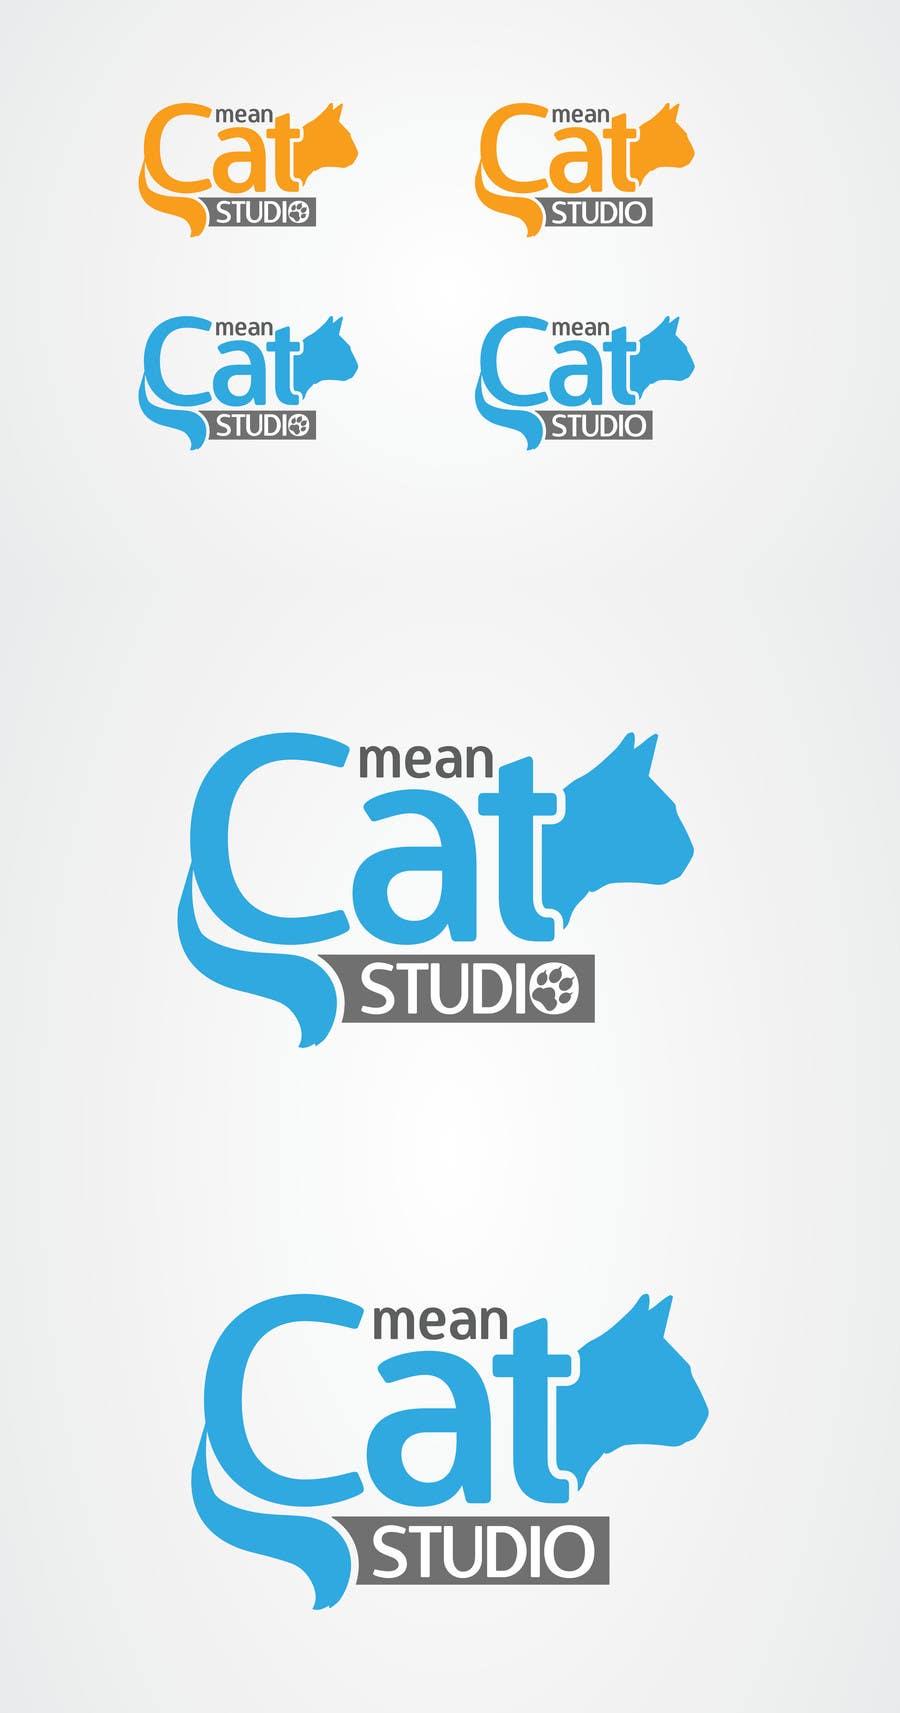 Bài tham dự cuộc thi #98 cho Design a Logo for Company